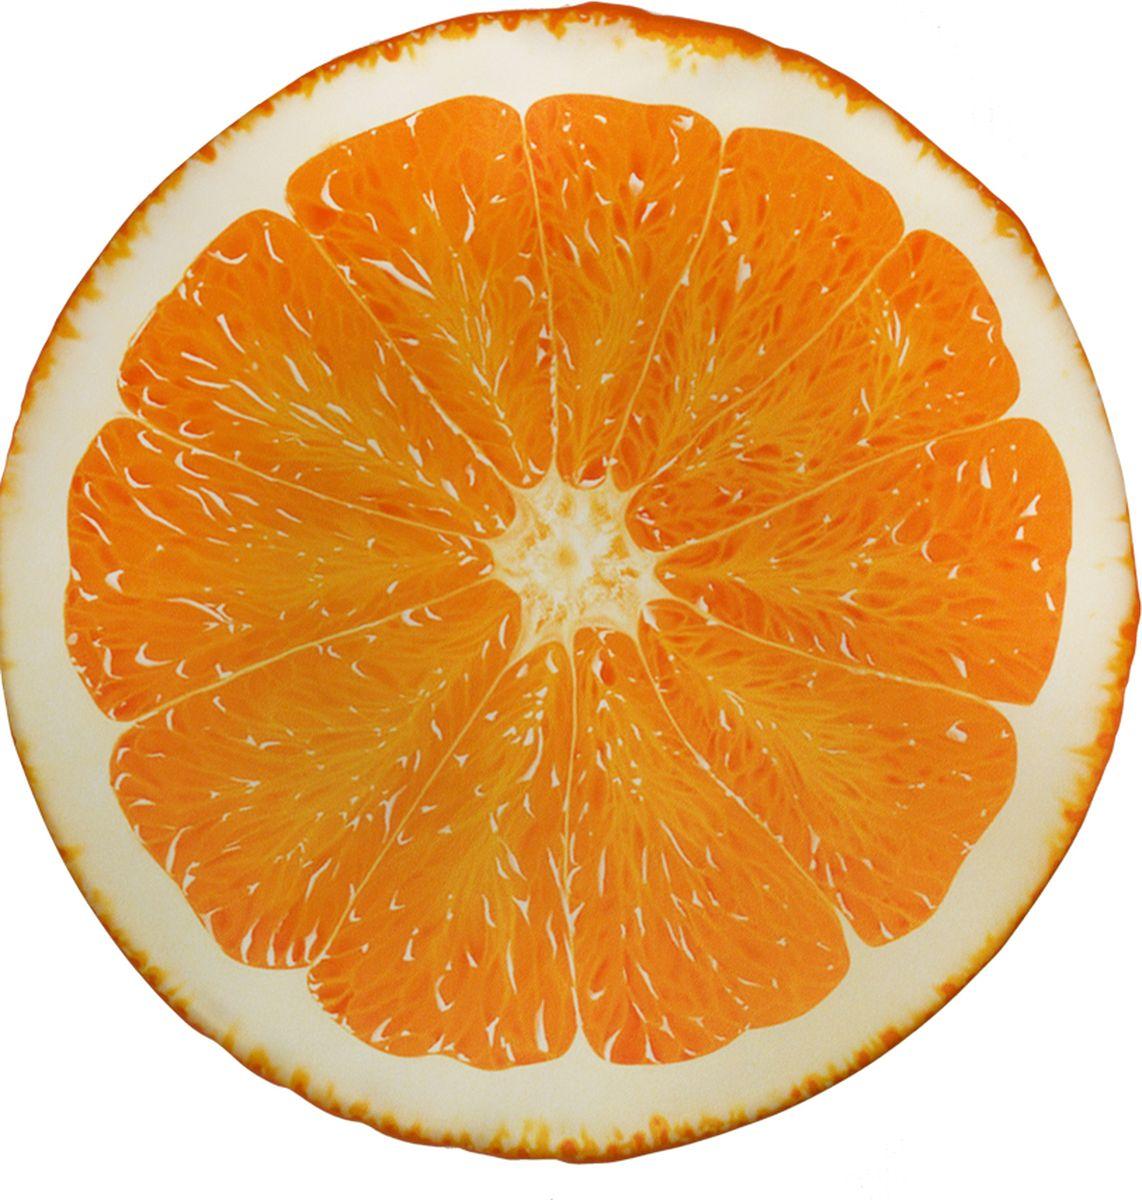 Подушка на стул GiftnHome Апельсин, цвет: оранжевый, белый, 40 х 40 х 2 смSEAT-40 ORANGEПодушка на стул GiftnHome Апельсин не только красиво дополнит интерьер кухни, но и обеспечит комфорт при сидении. Чехол выполнен из атласа (искусственный шелк) и оформлен изображением апельсина. В качестве наполнителя используется мягкий поролон. Изделие имеет 2 завязки для крепления на табурет или стул. Интерьерные подушки с модными принтами внесут яркие краски и актуальный стиль в интерьер вашего дома, дачи, офиса или студии. Правильно сидеть - значит сохранить здоровье на долгие годы. Жесткие сидения подвергают наше здоровье опасности. Подушка с мягким наполнителем поможет предотвратить большинство нежелательных последствий сидячего образа жизни.